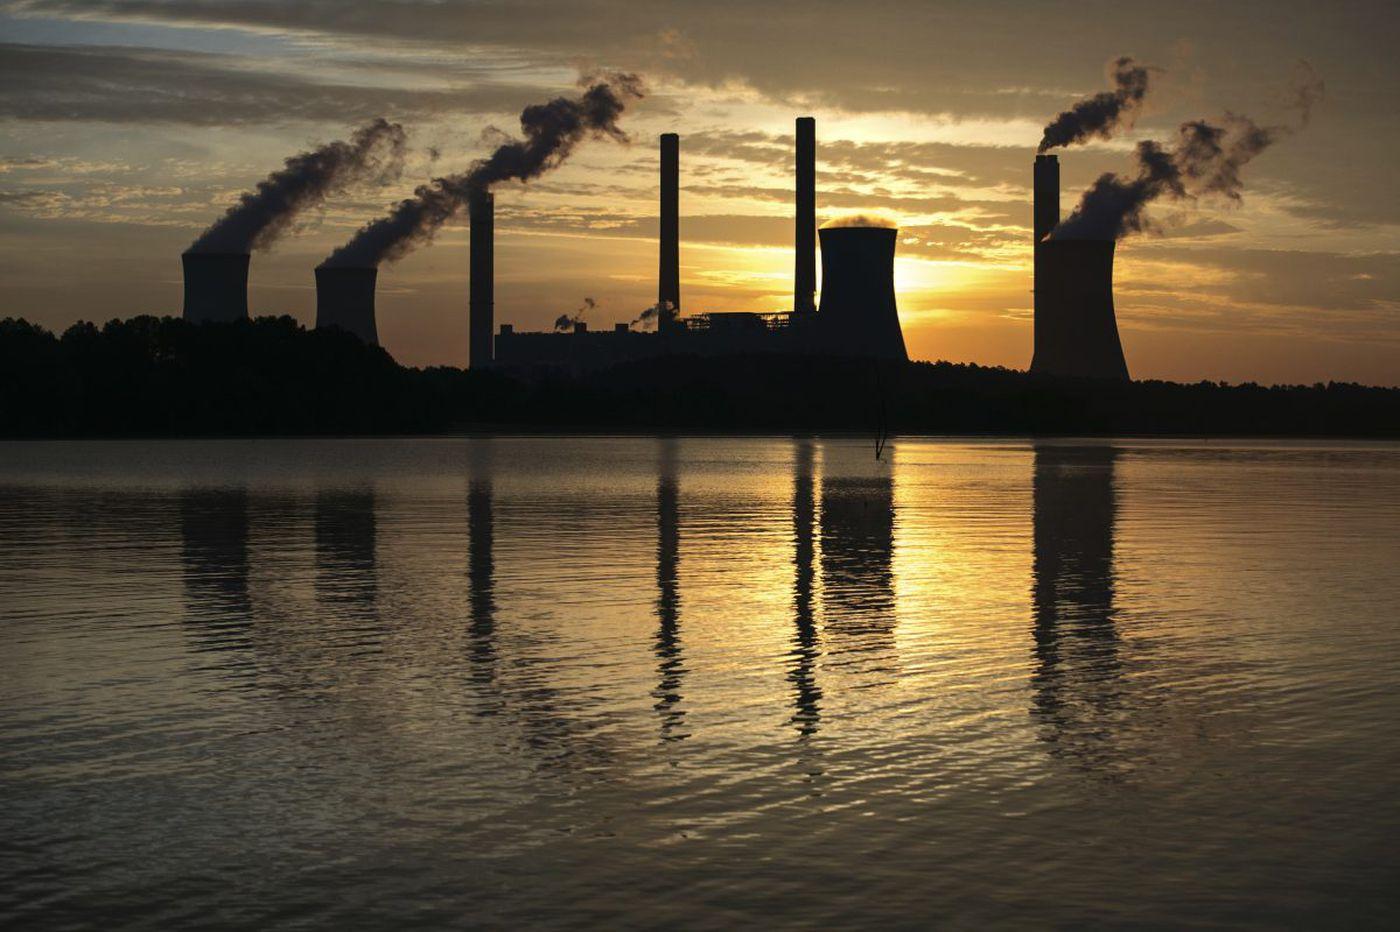 FactCheck: Trump's coal spin